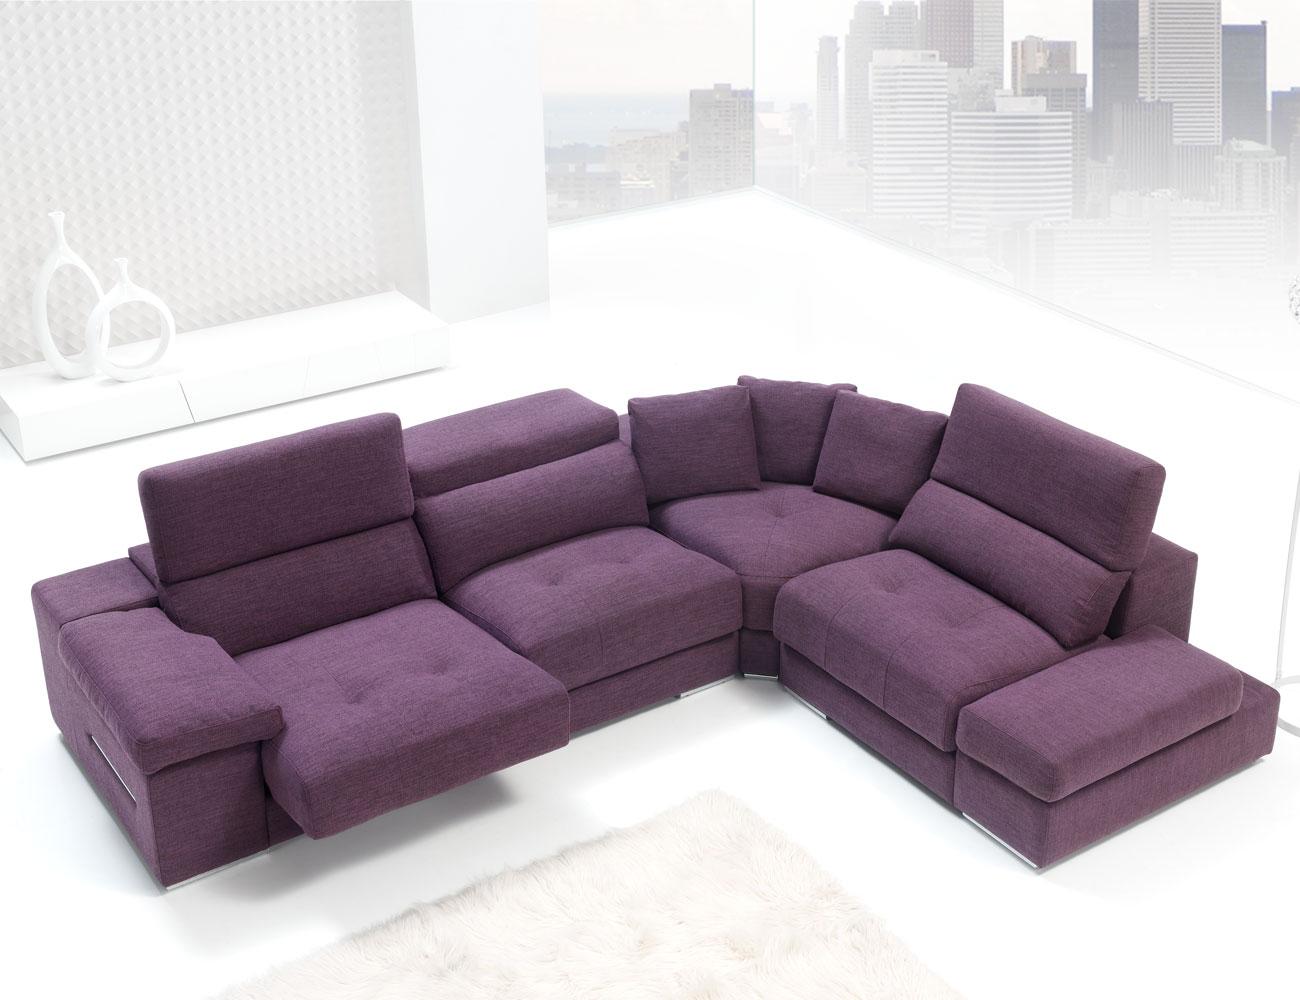 Sofa chaiselongue rincon con brazo mecanico tejido anti manchas 251